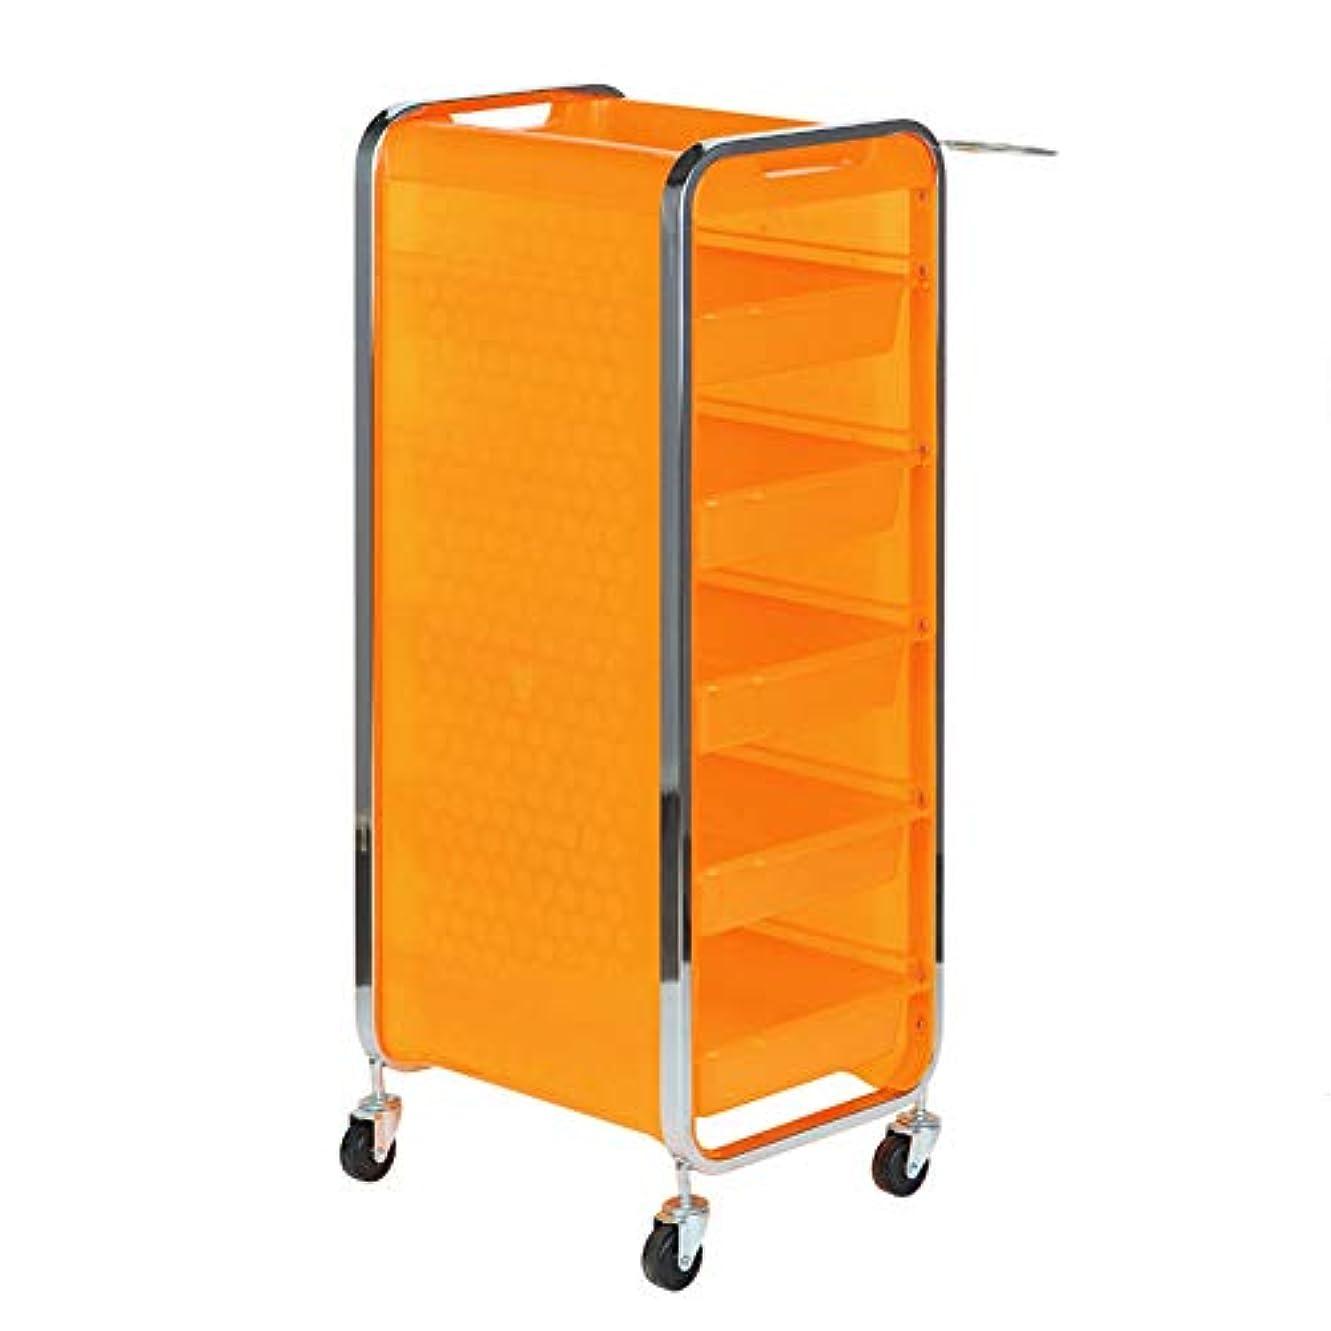 セラーバラバラにする明確なサロン美容院トロリー美容美容収納カート6層トレイ多機能引き出し虹色,Orange,A